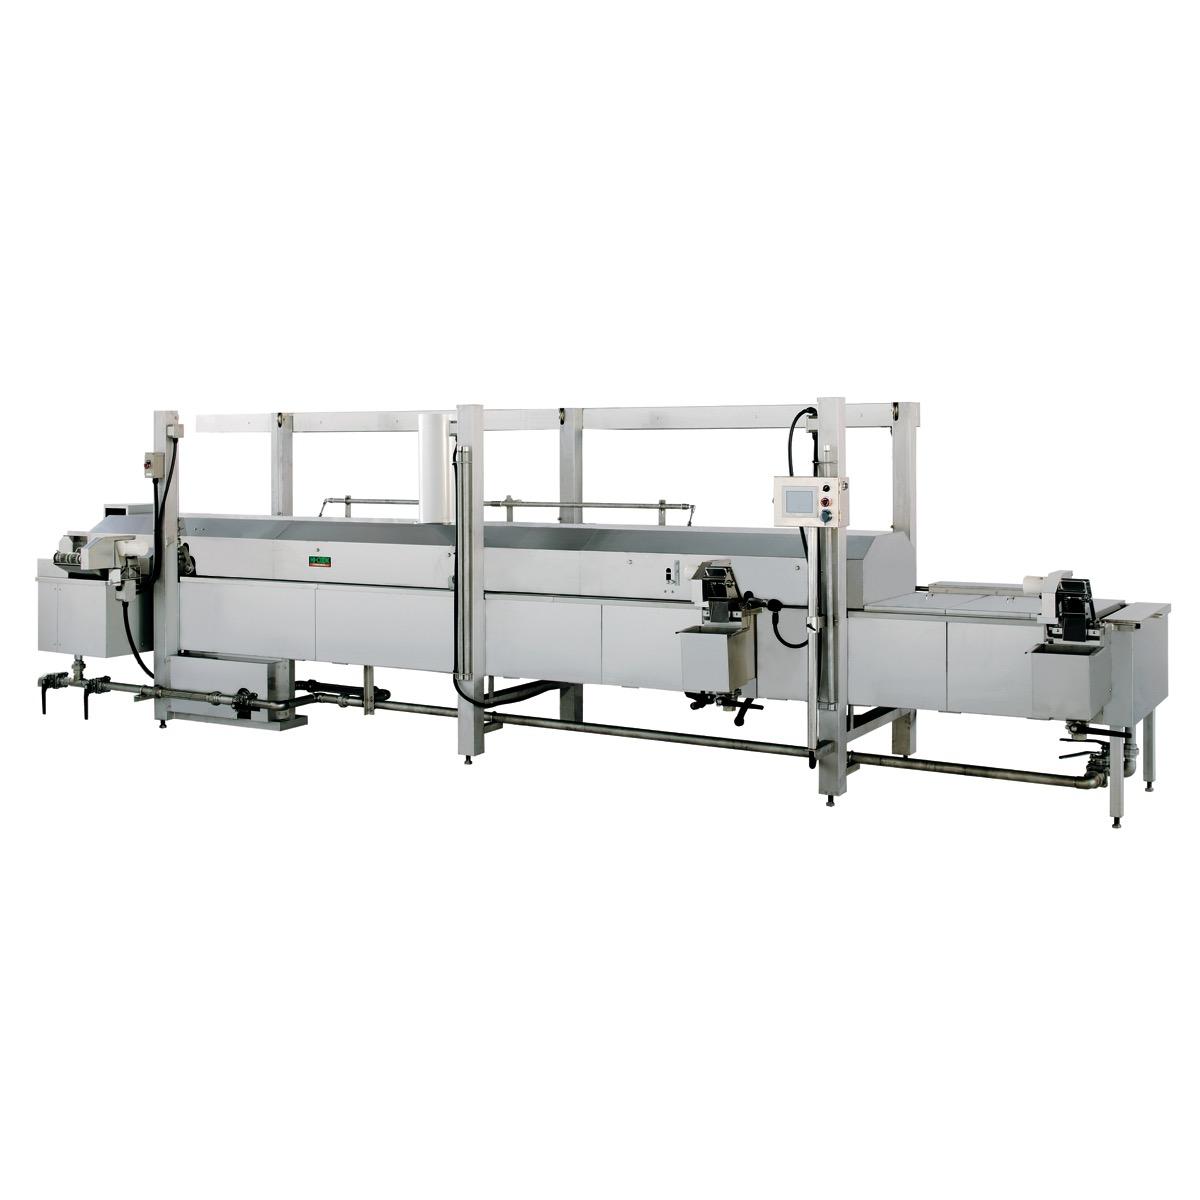 食品工業用フライヤー(DENC型)